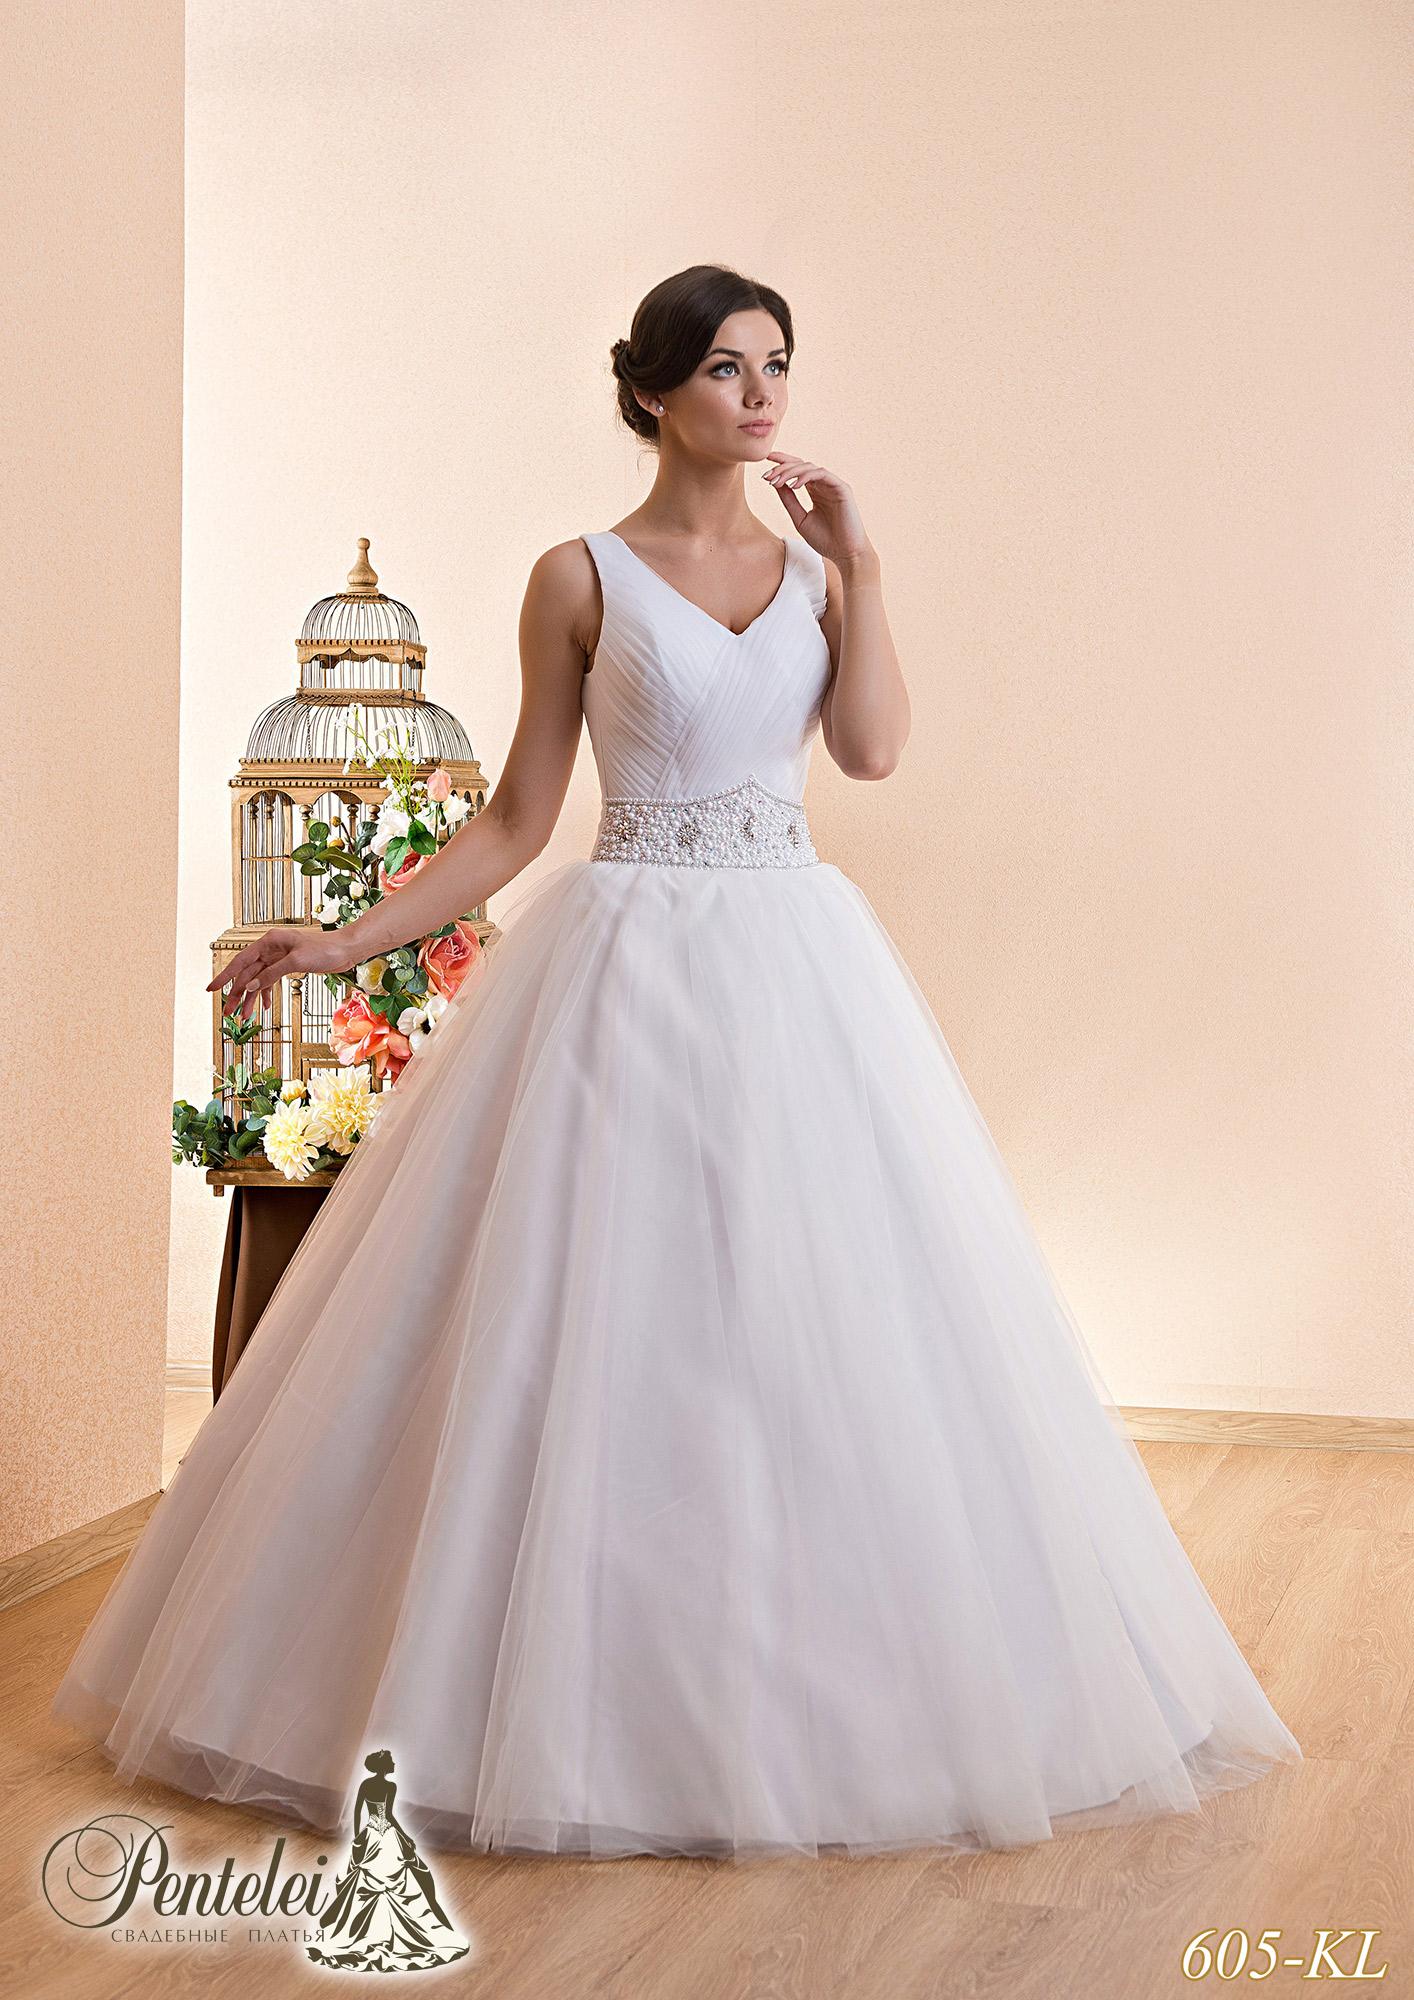 картинки свадебного платья не пышного цветения любят одиночества, обладают